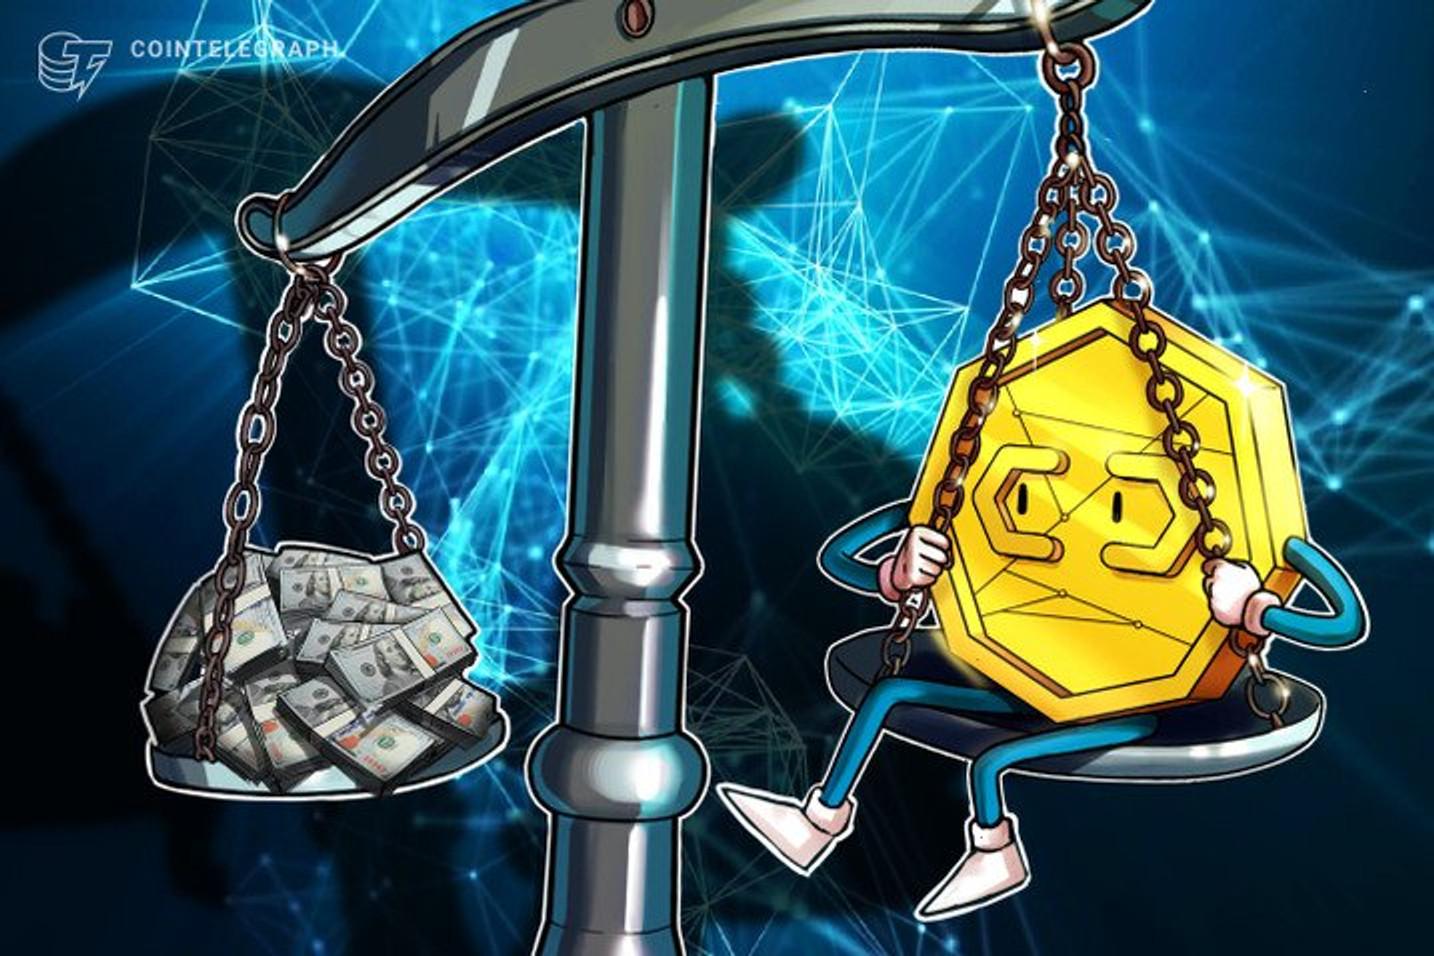 Si Bitcoin llega a 100.000 dólares después del halving, Litecoin puede valer 3.000 dólares según análisis